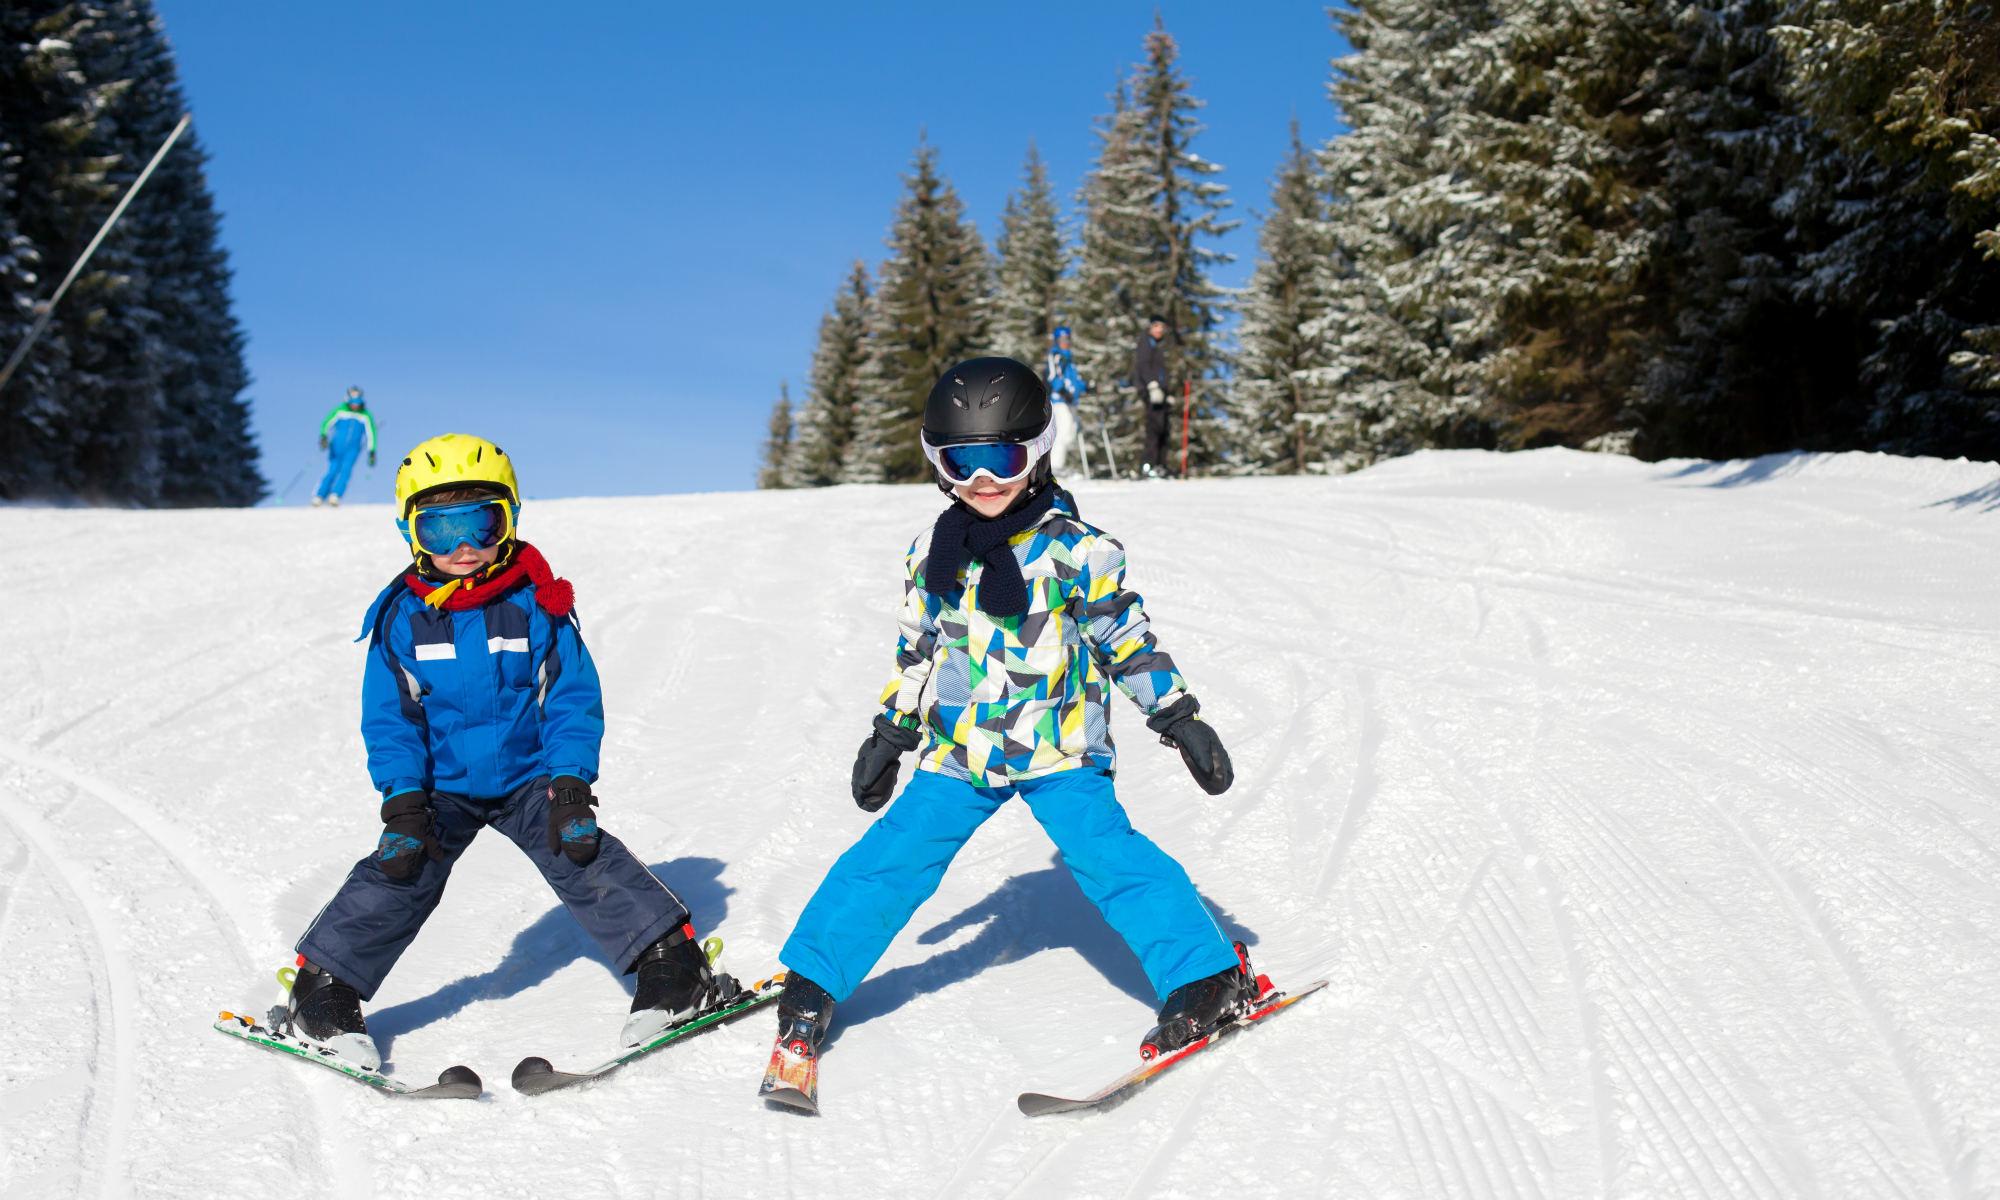 2 bambini con gli sci che fanno lo spazzaneve.